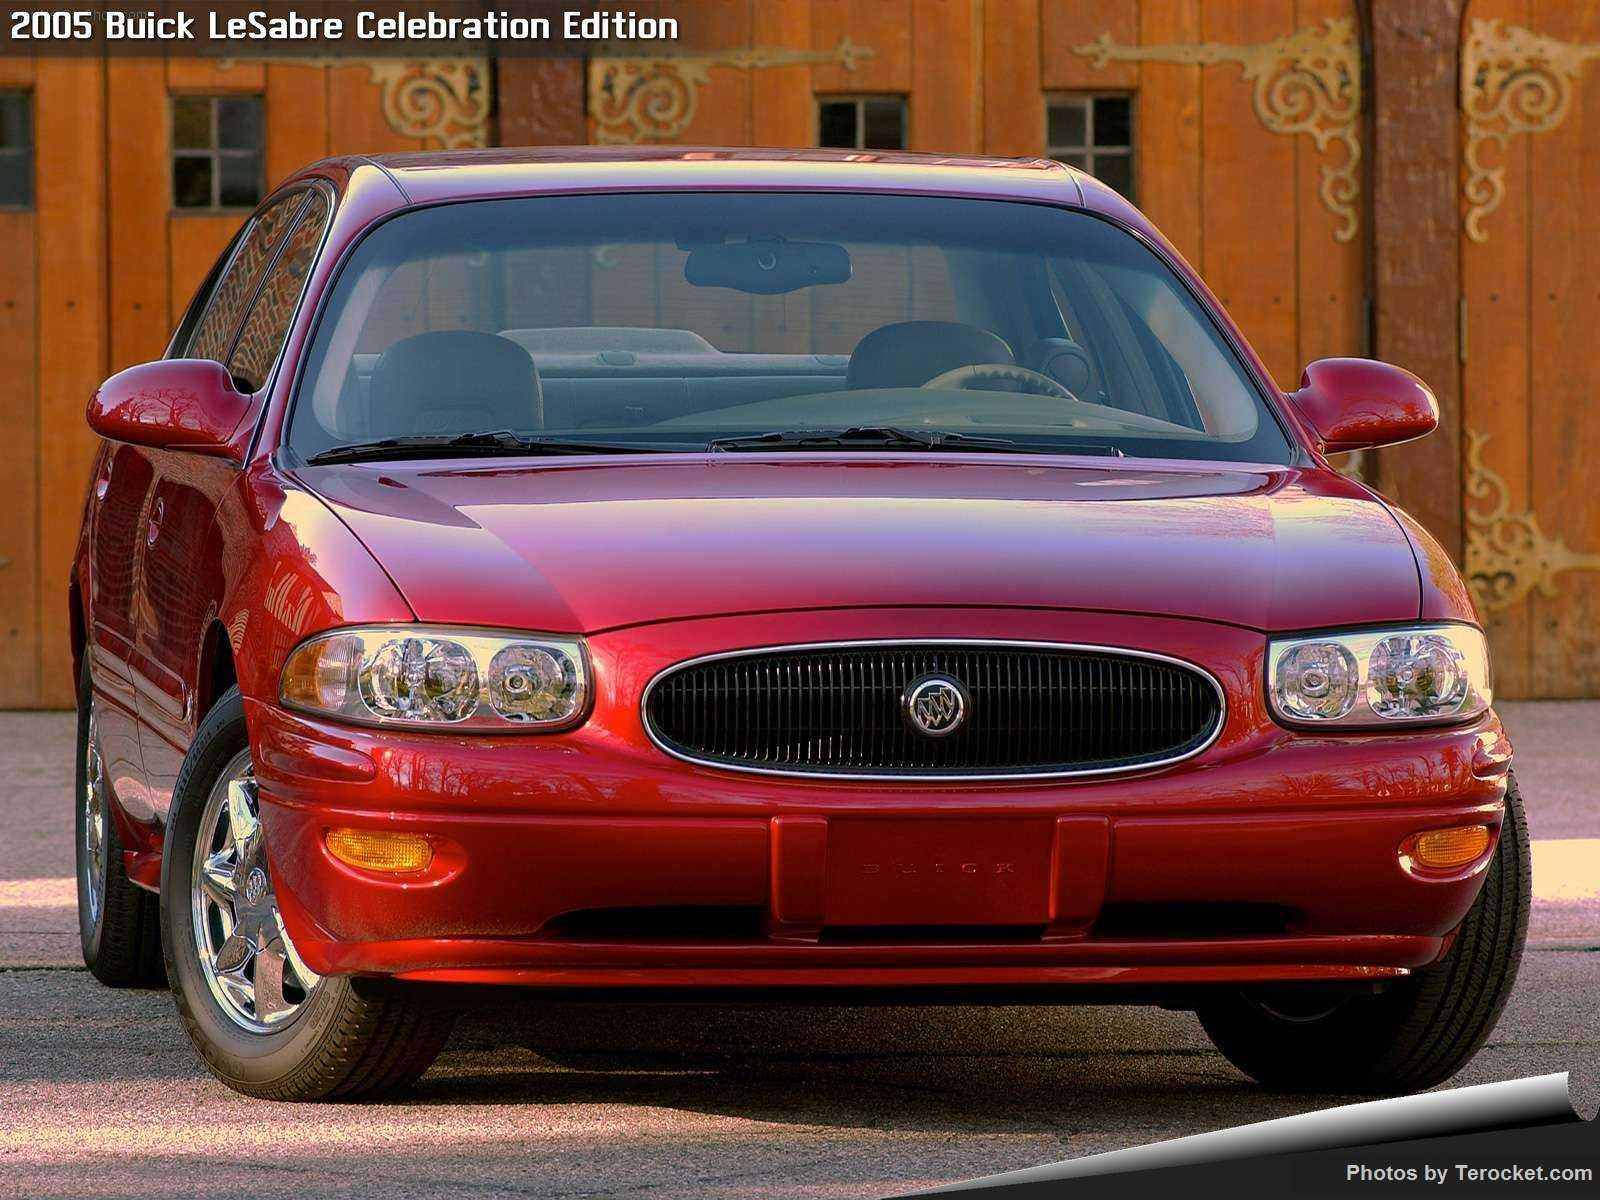 Hình ảnh xe ô tô Buick LeSabre Celebration Edition 2005 & nội ngoại thất